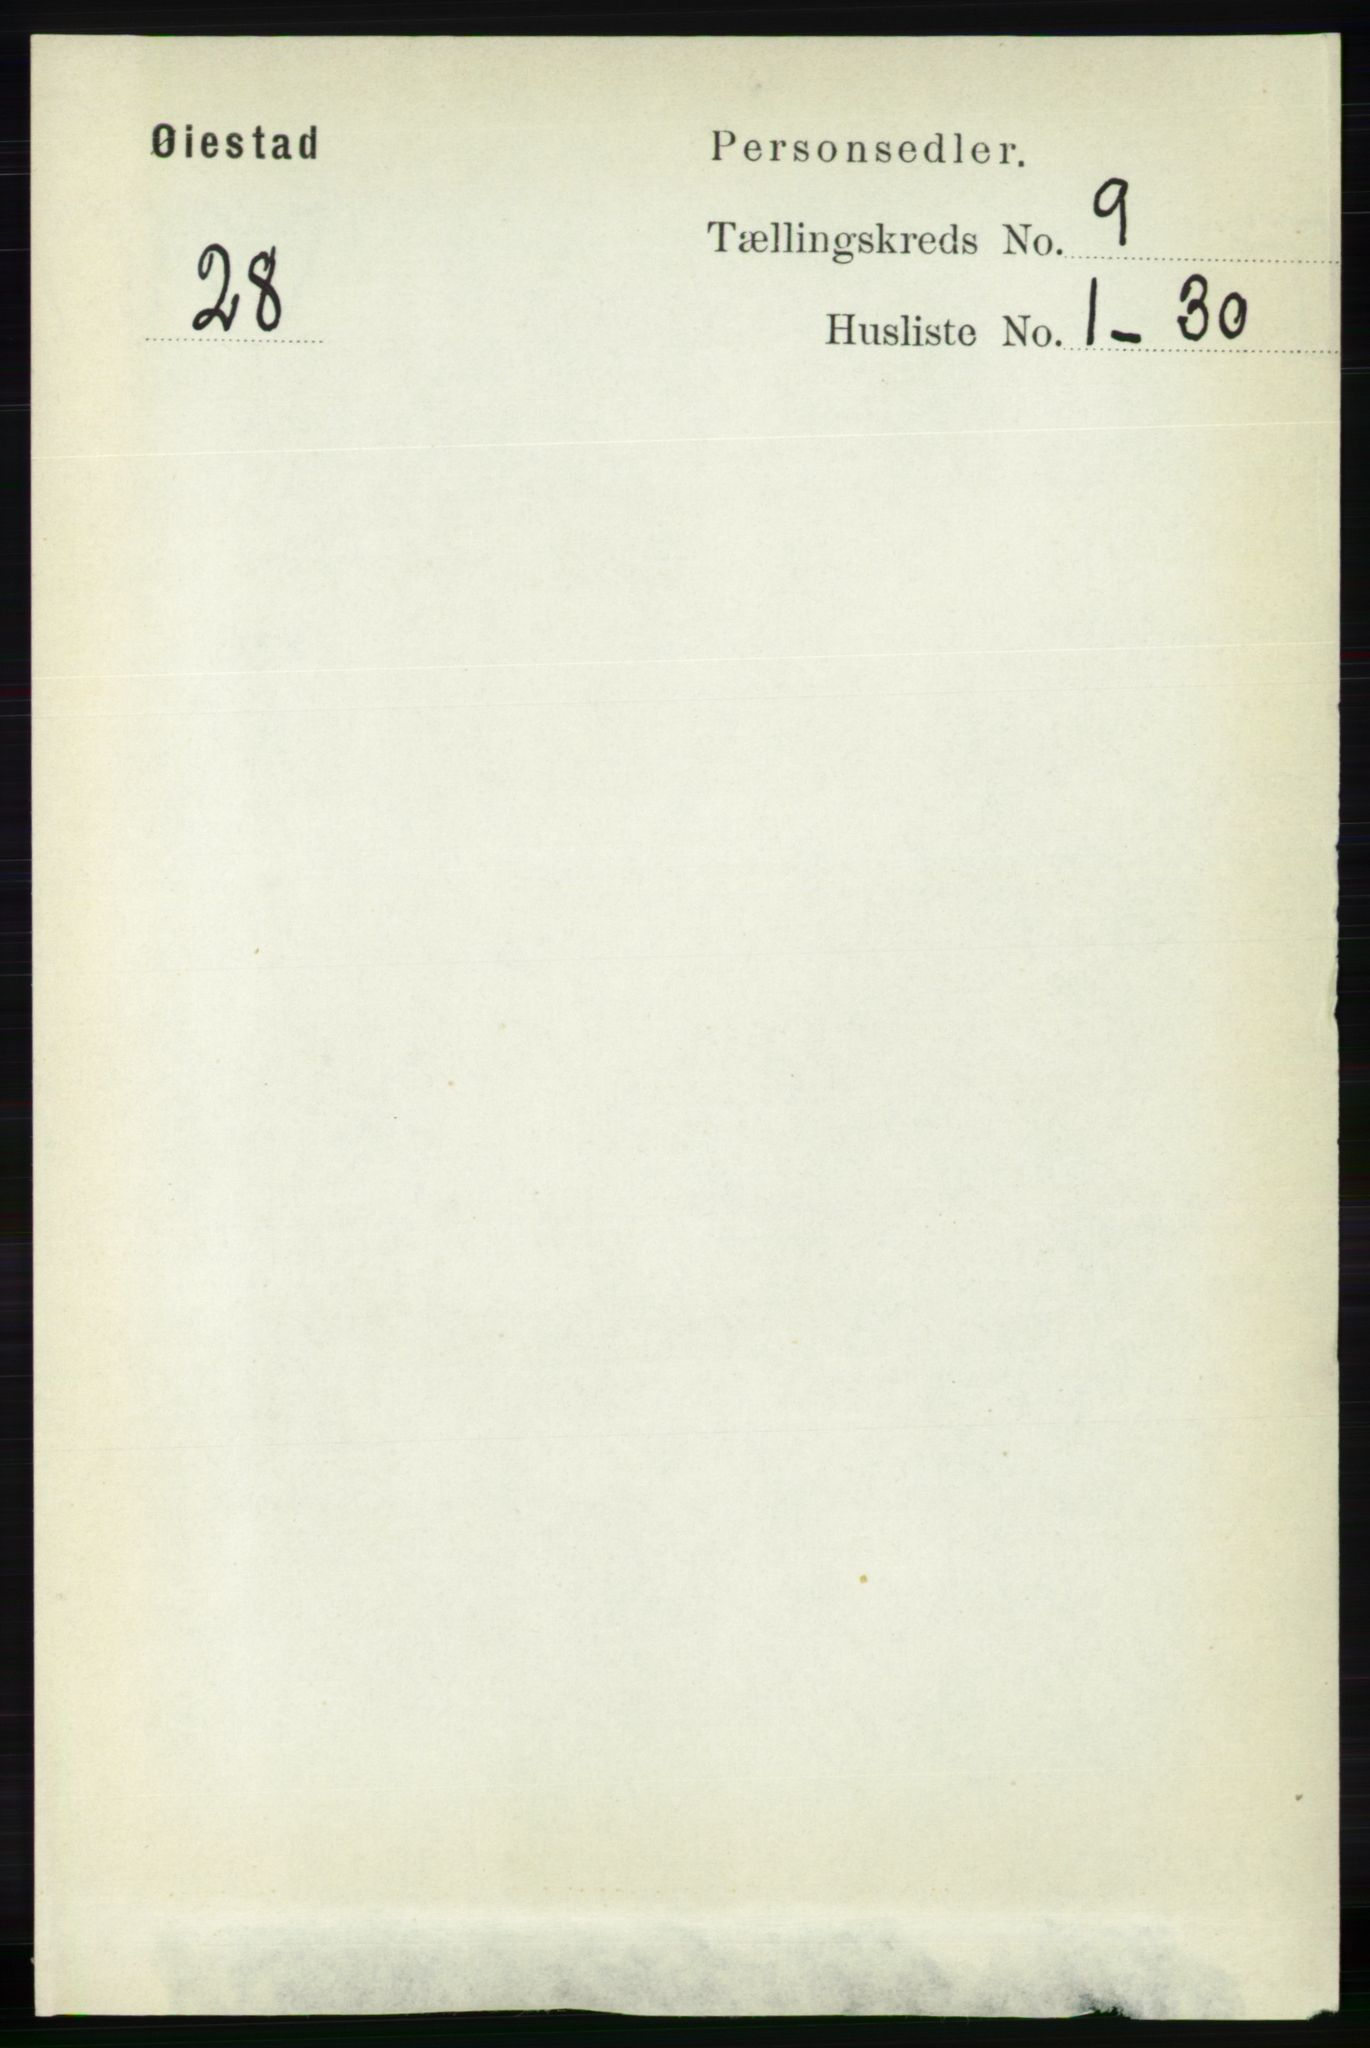 RA, Folketelling 1891 for 0920 Øyestad herred, 1891, s. 3568